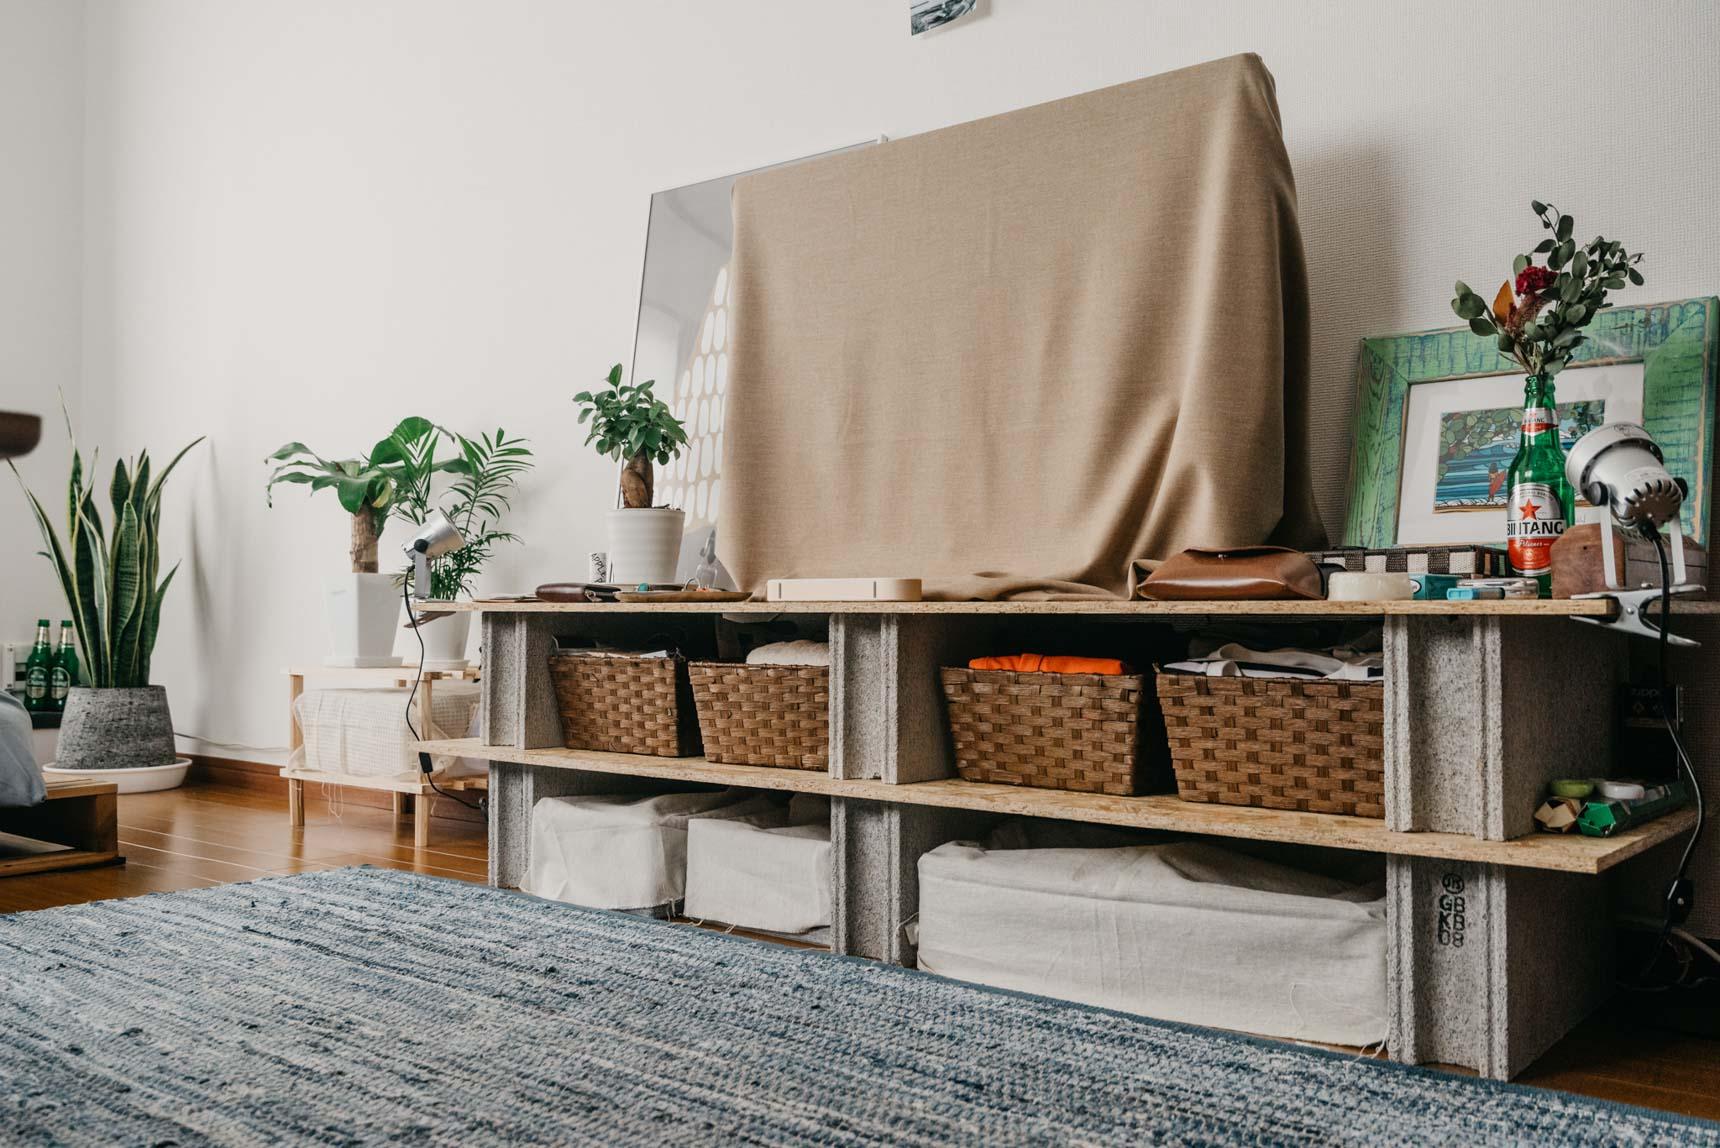 こちらは定番。ブロックと木の板を組み合わせて作ったテレビボード。中に入れるもの、それにテレビも布で目隠しするだけで、かなり整った印象になりますね。